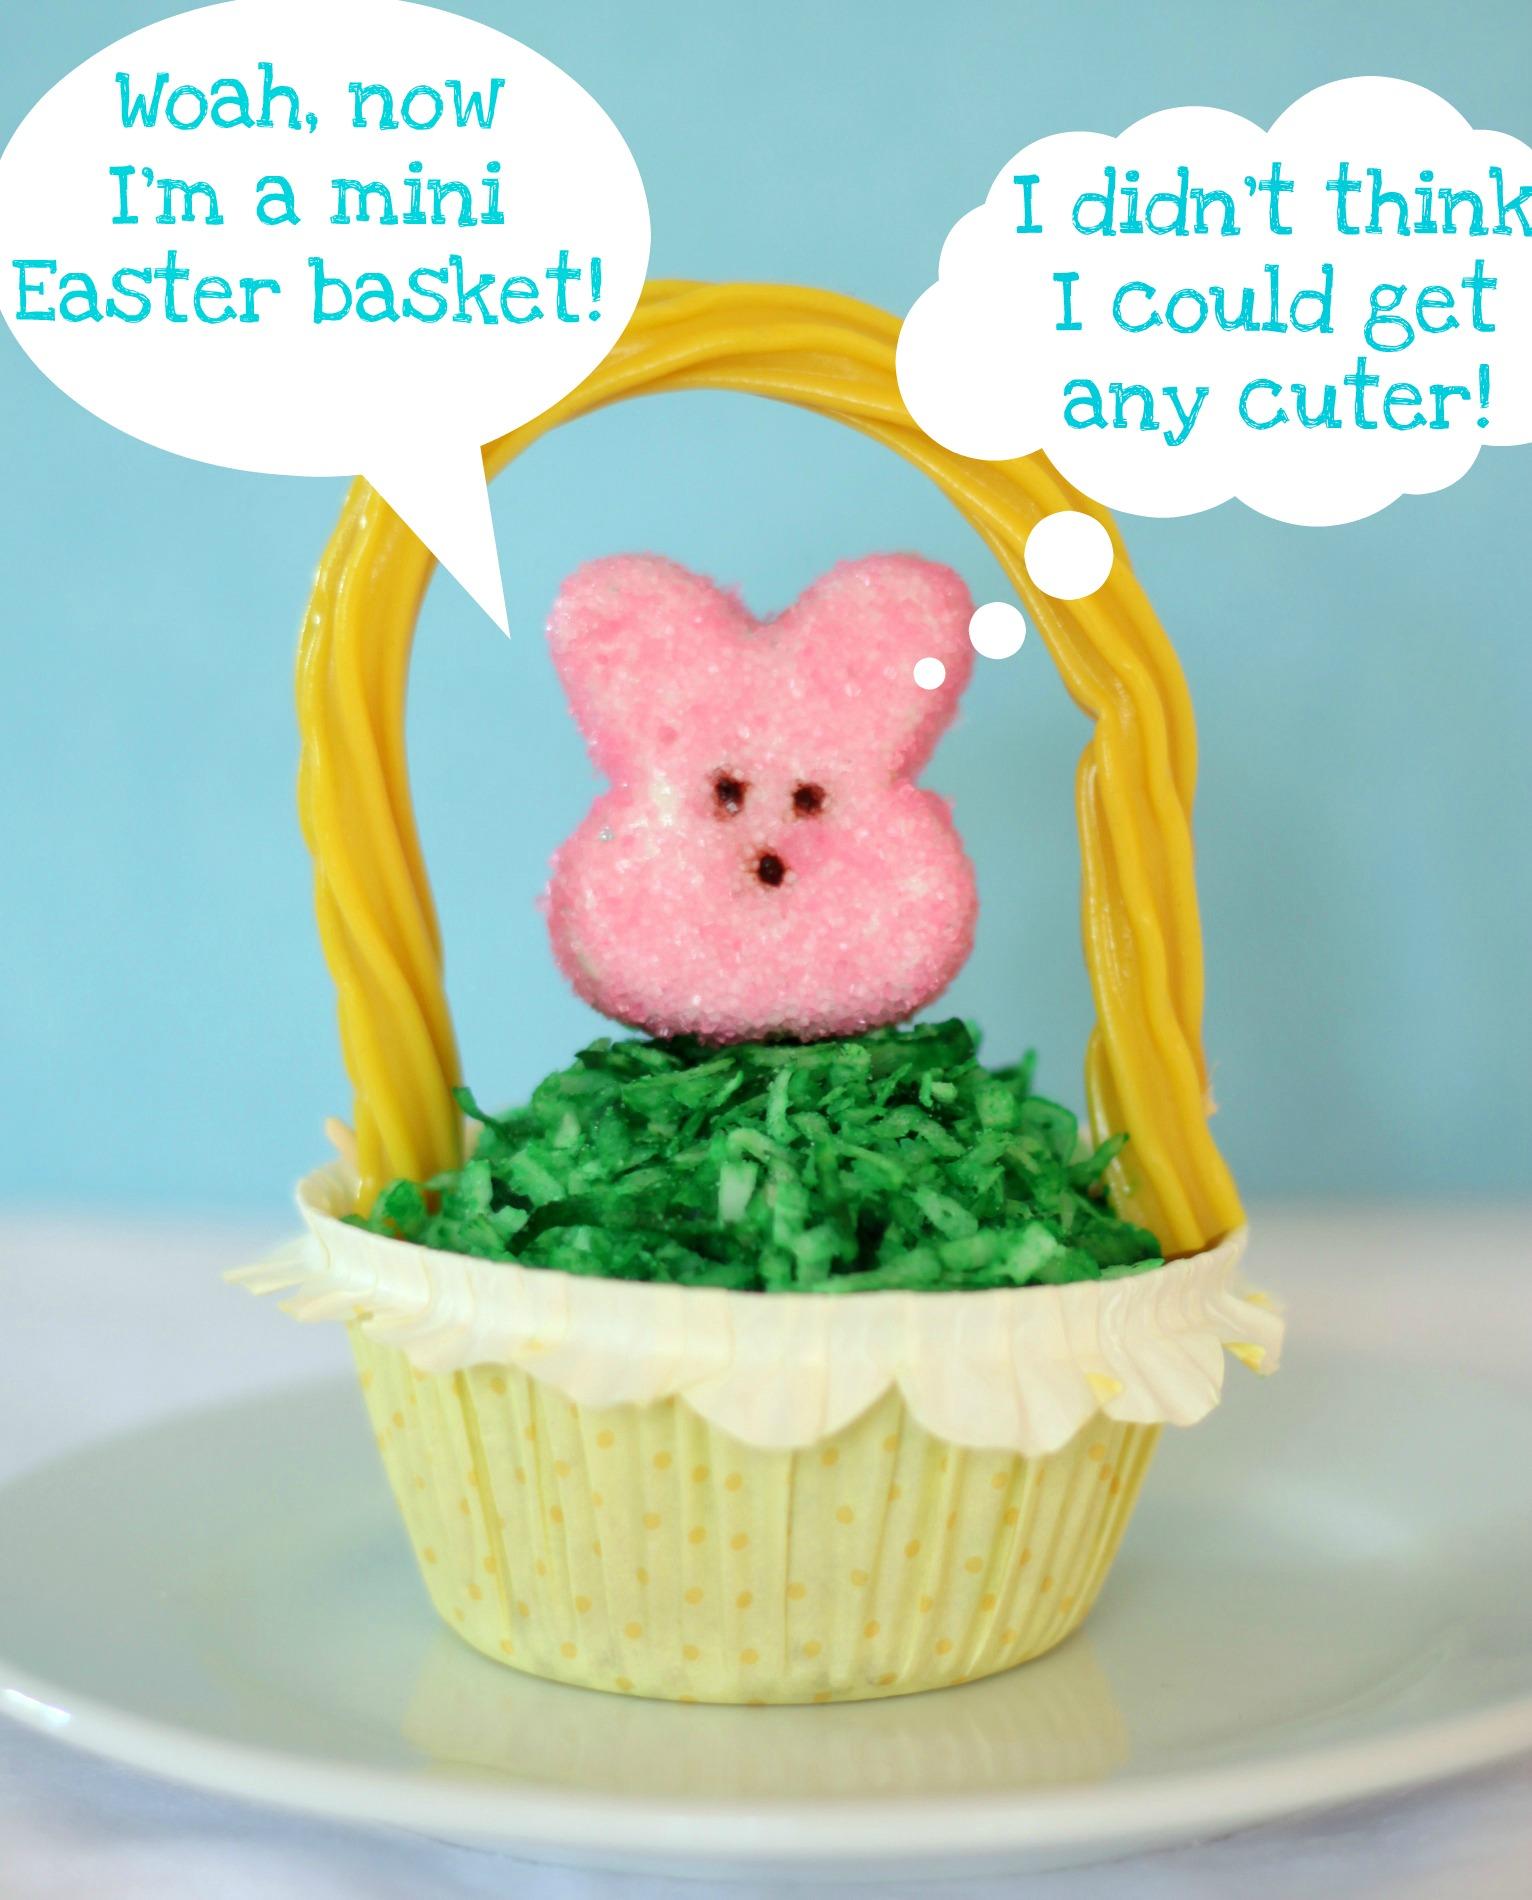 Easter basket peeps cupcake cuter